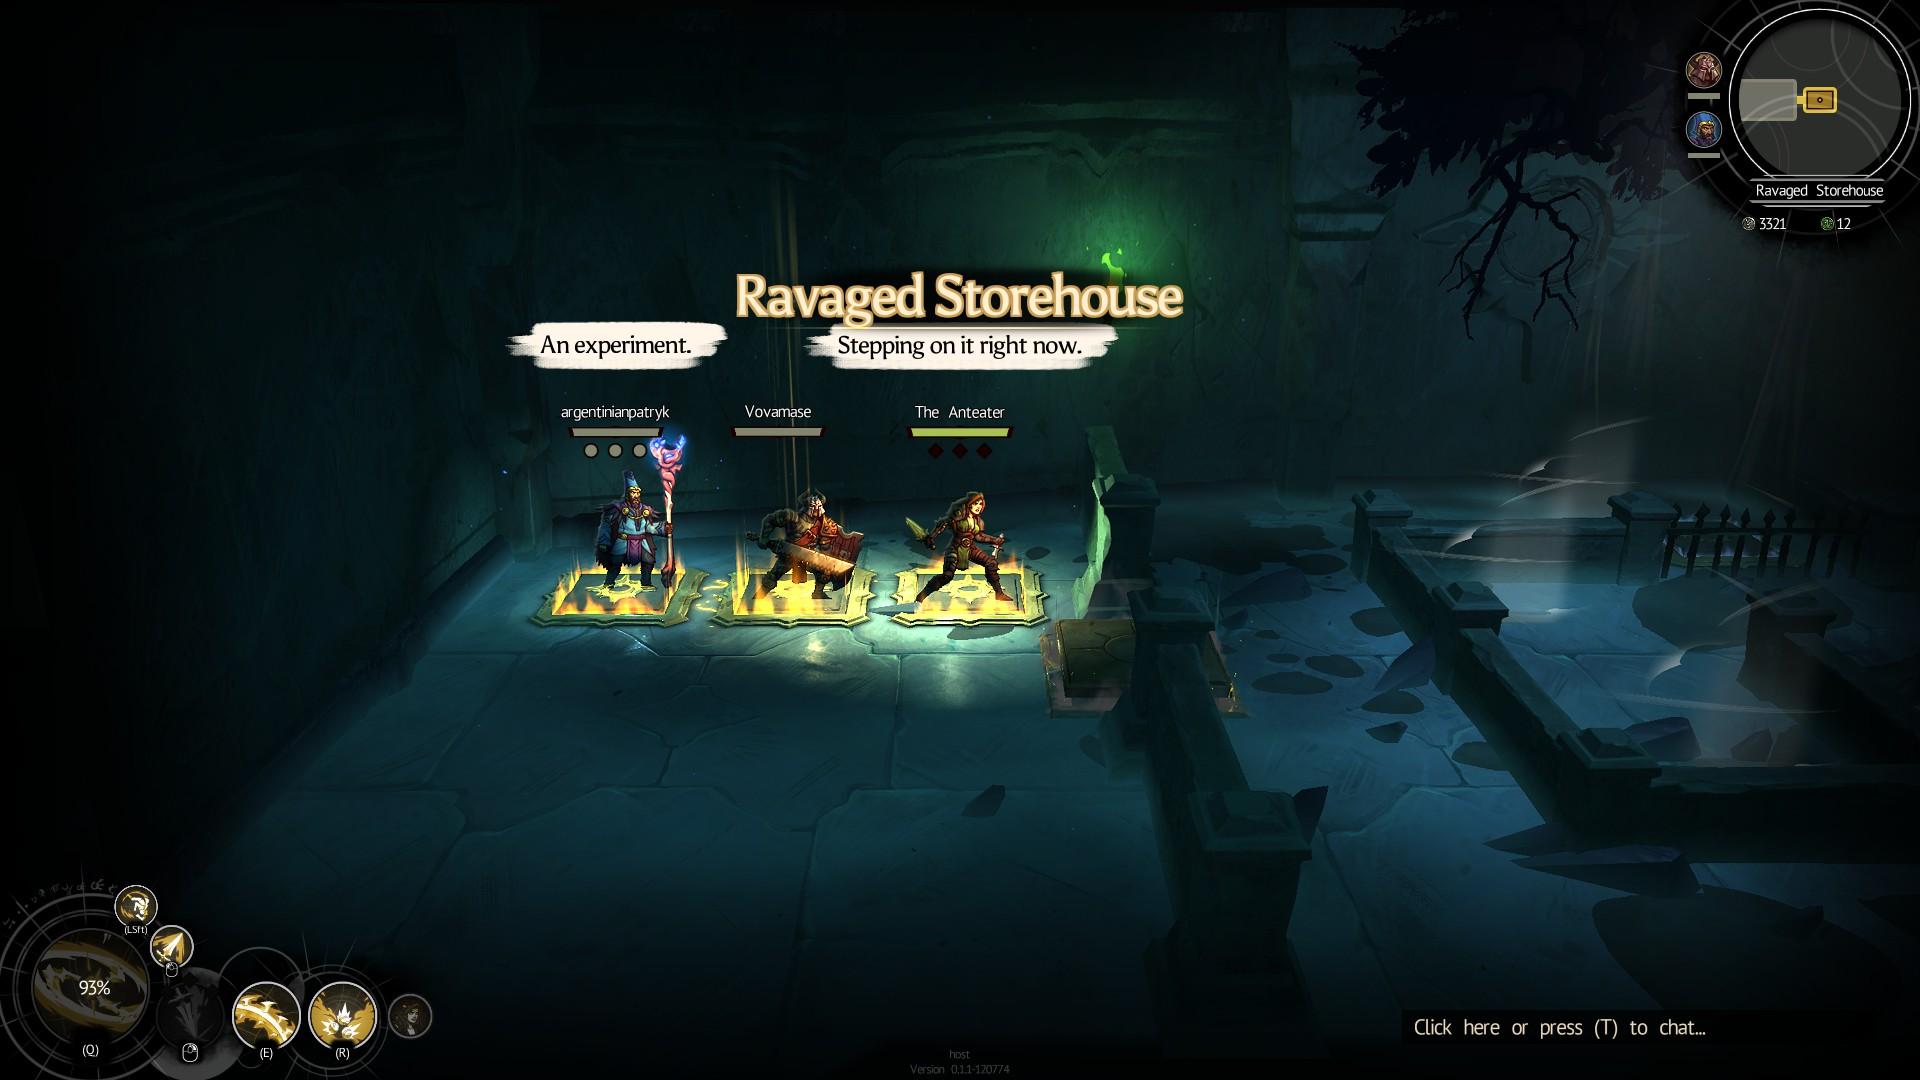 Los tres jugadores se paran sobre una almohadilla de presión cada uno, que brillan cuando se activan.